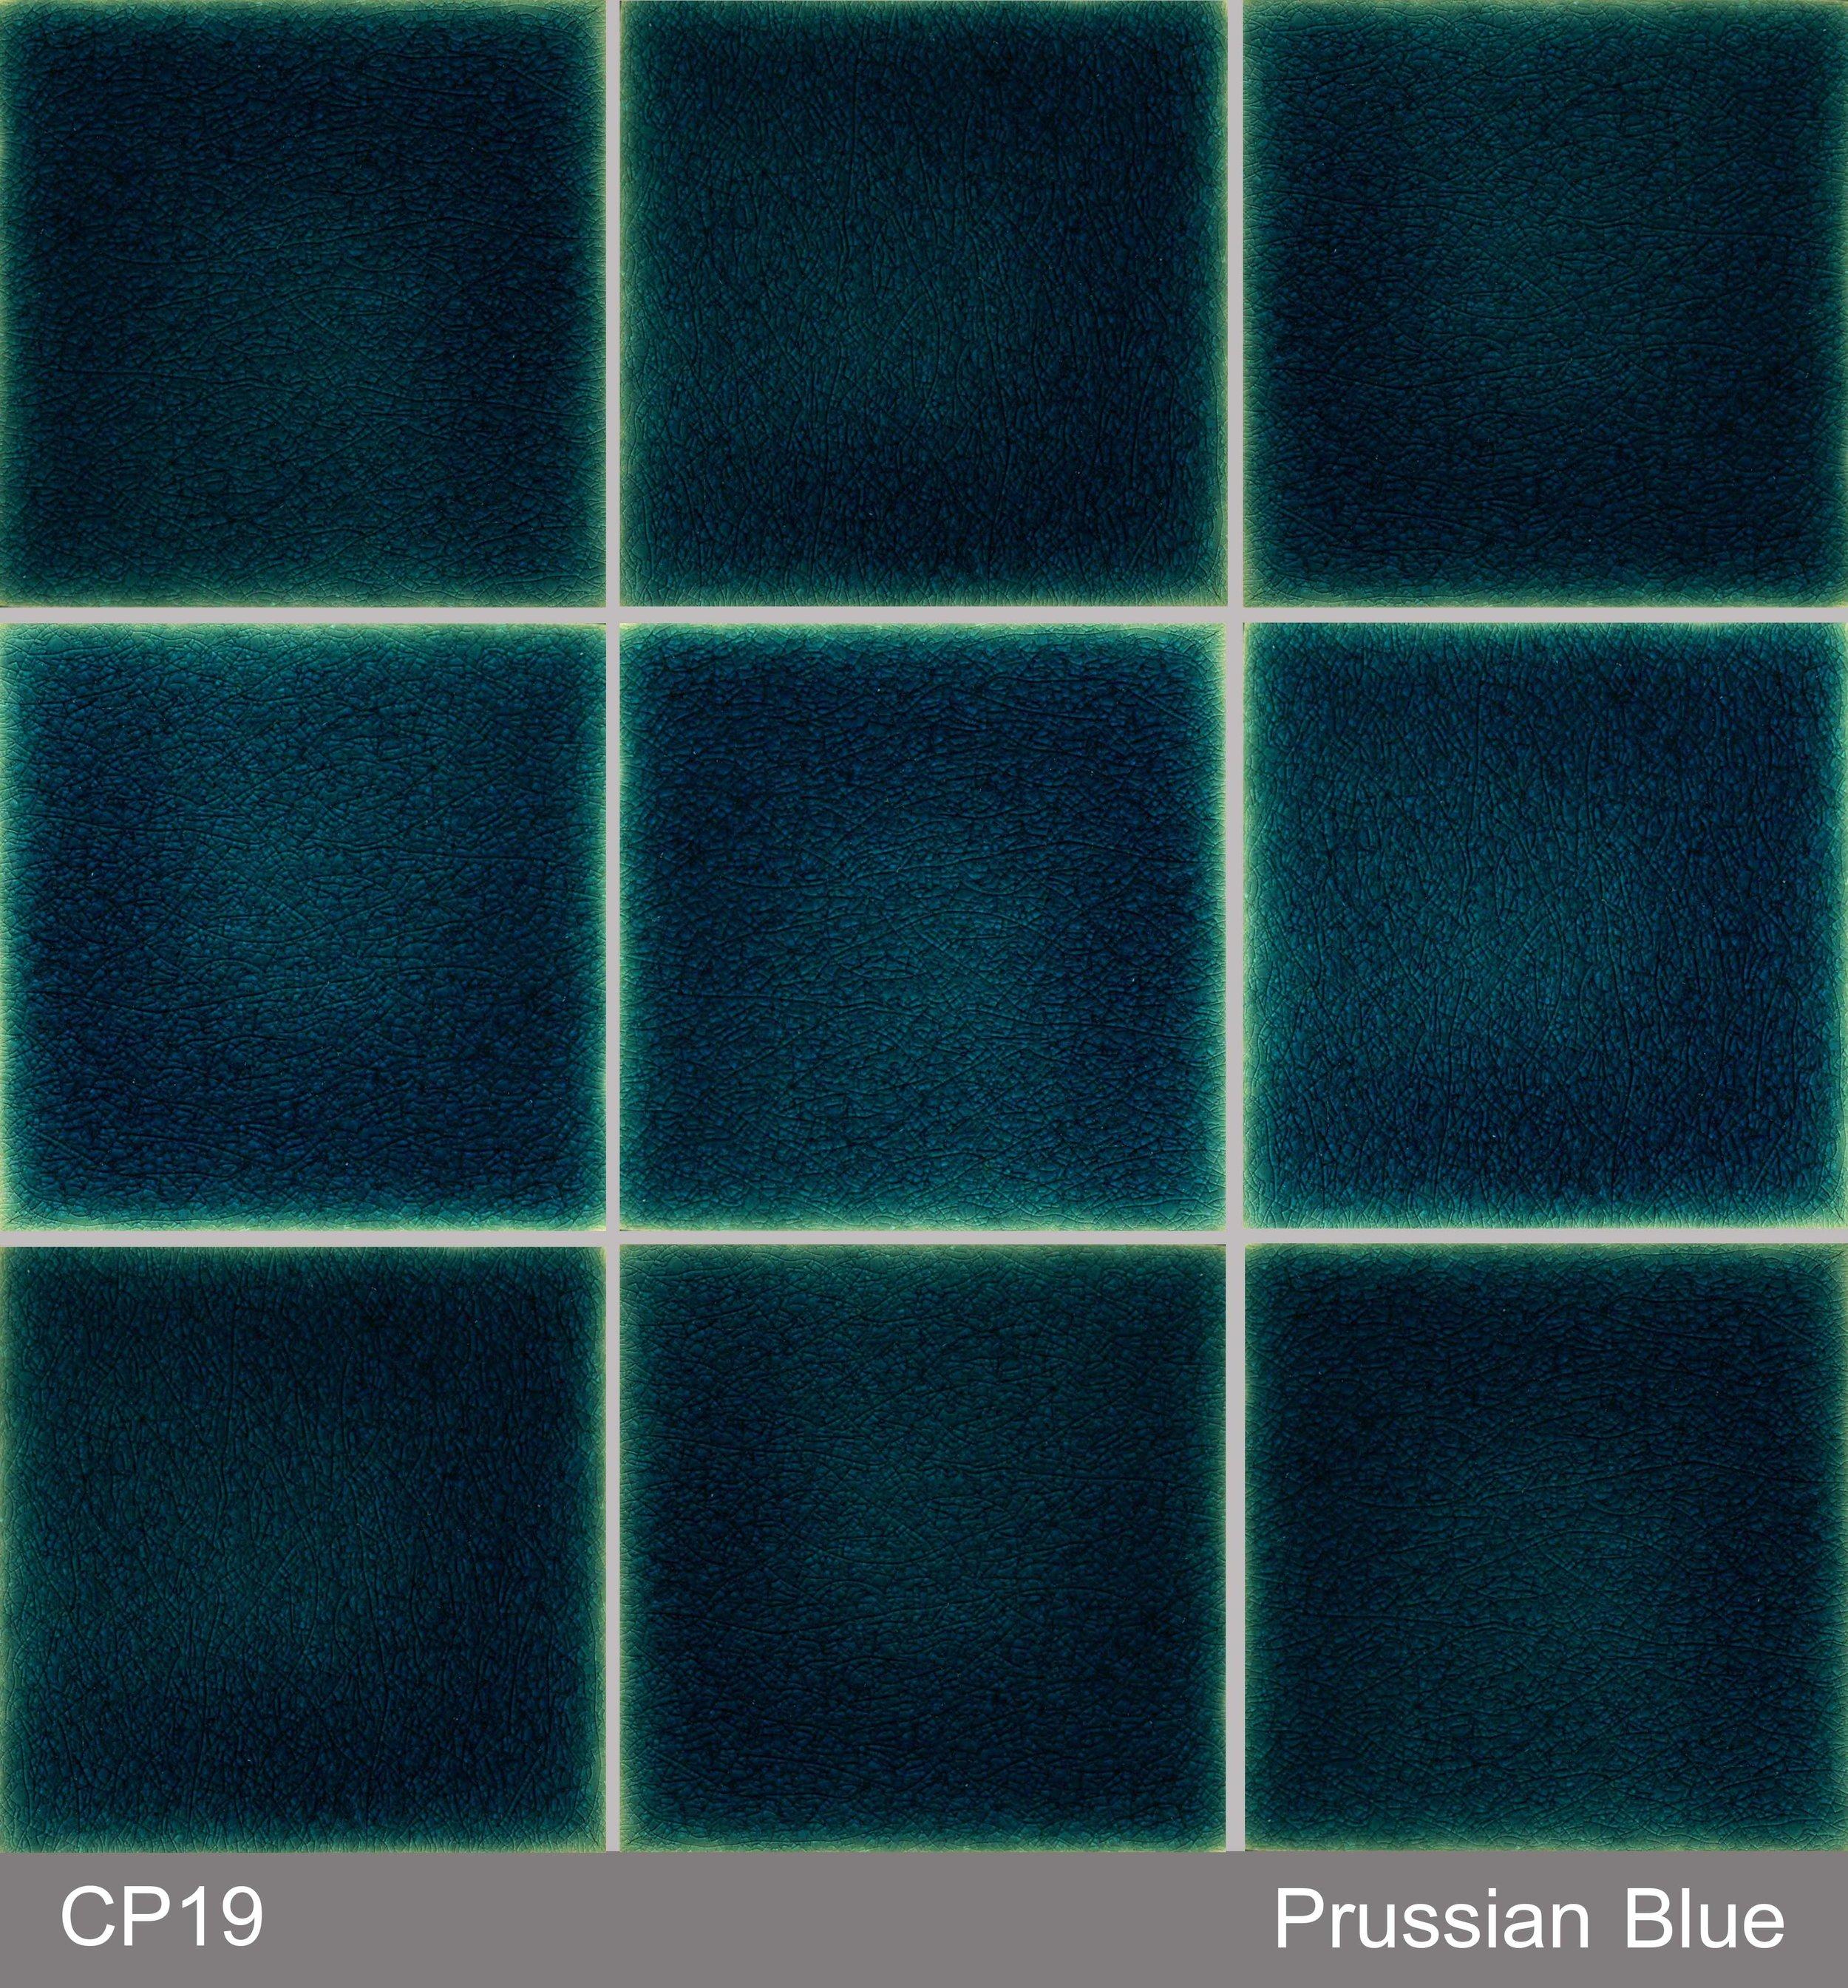 CP19 : Prussian blue